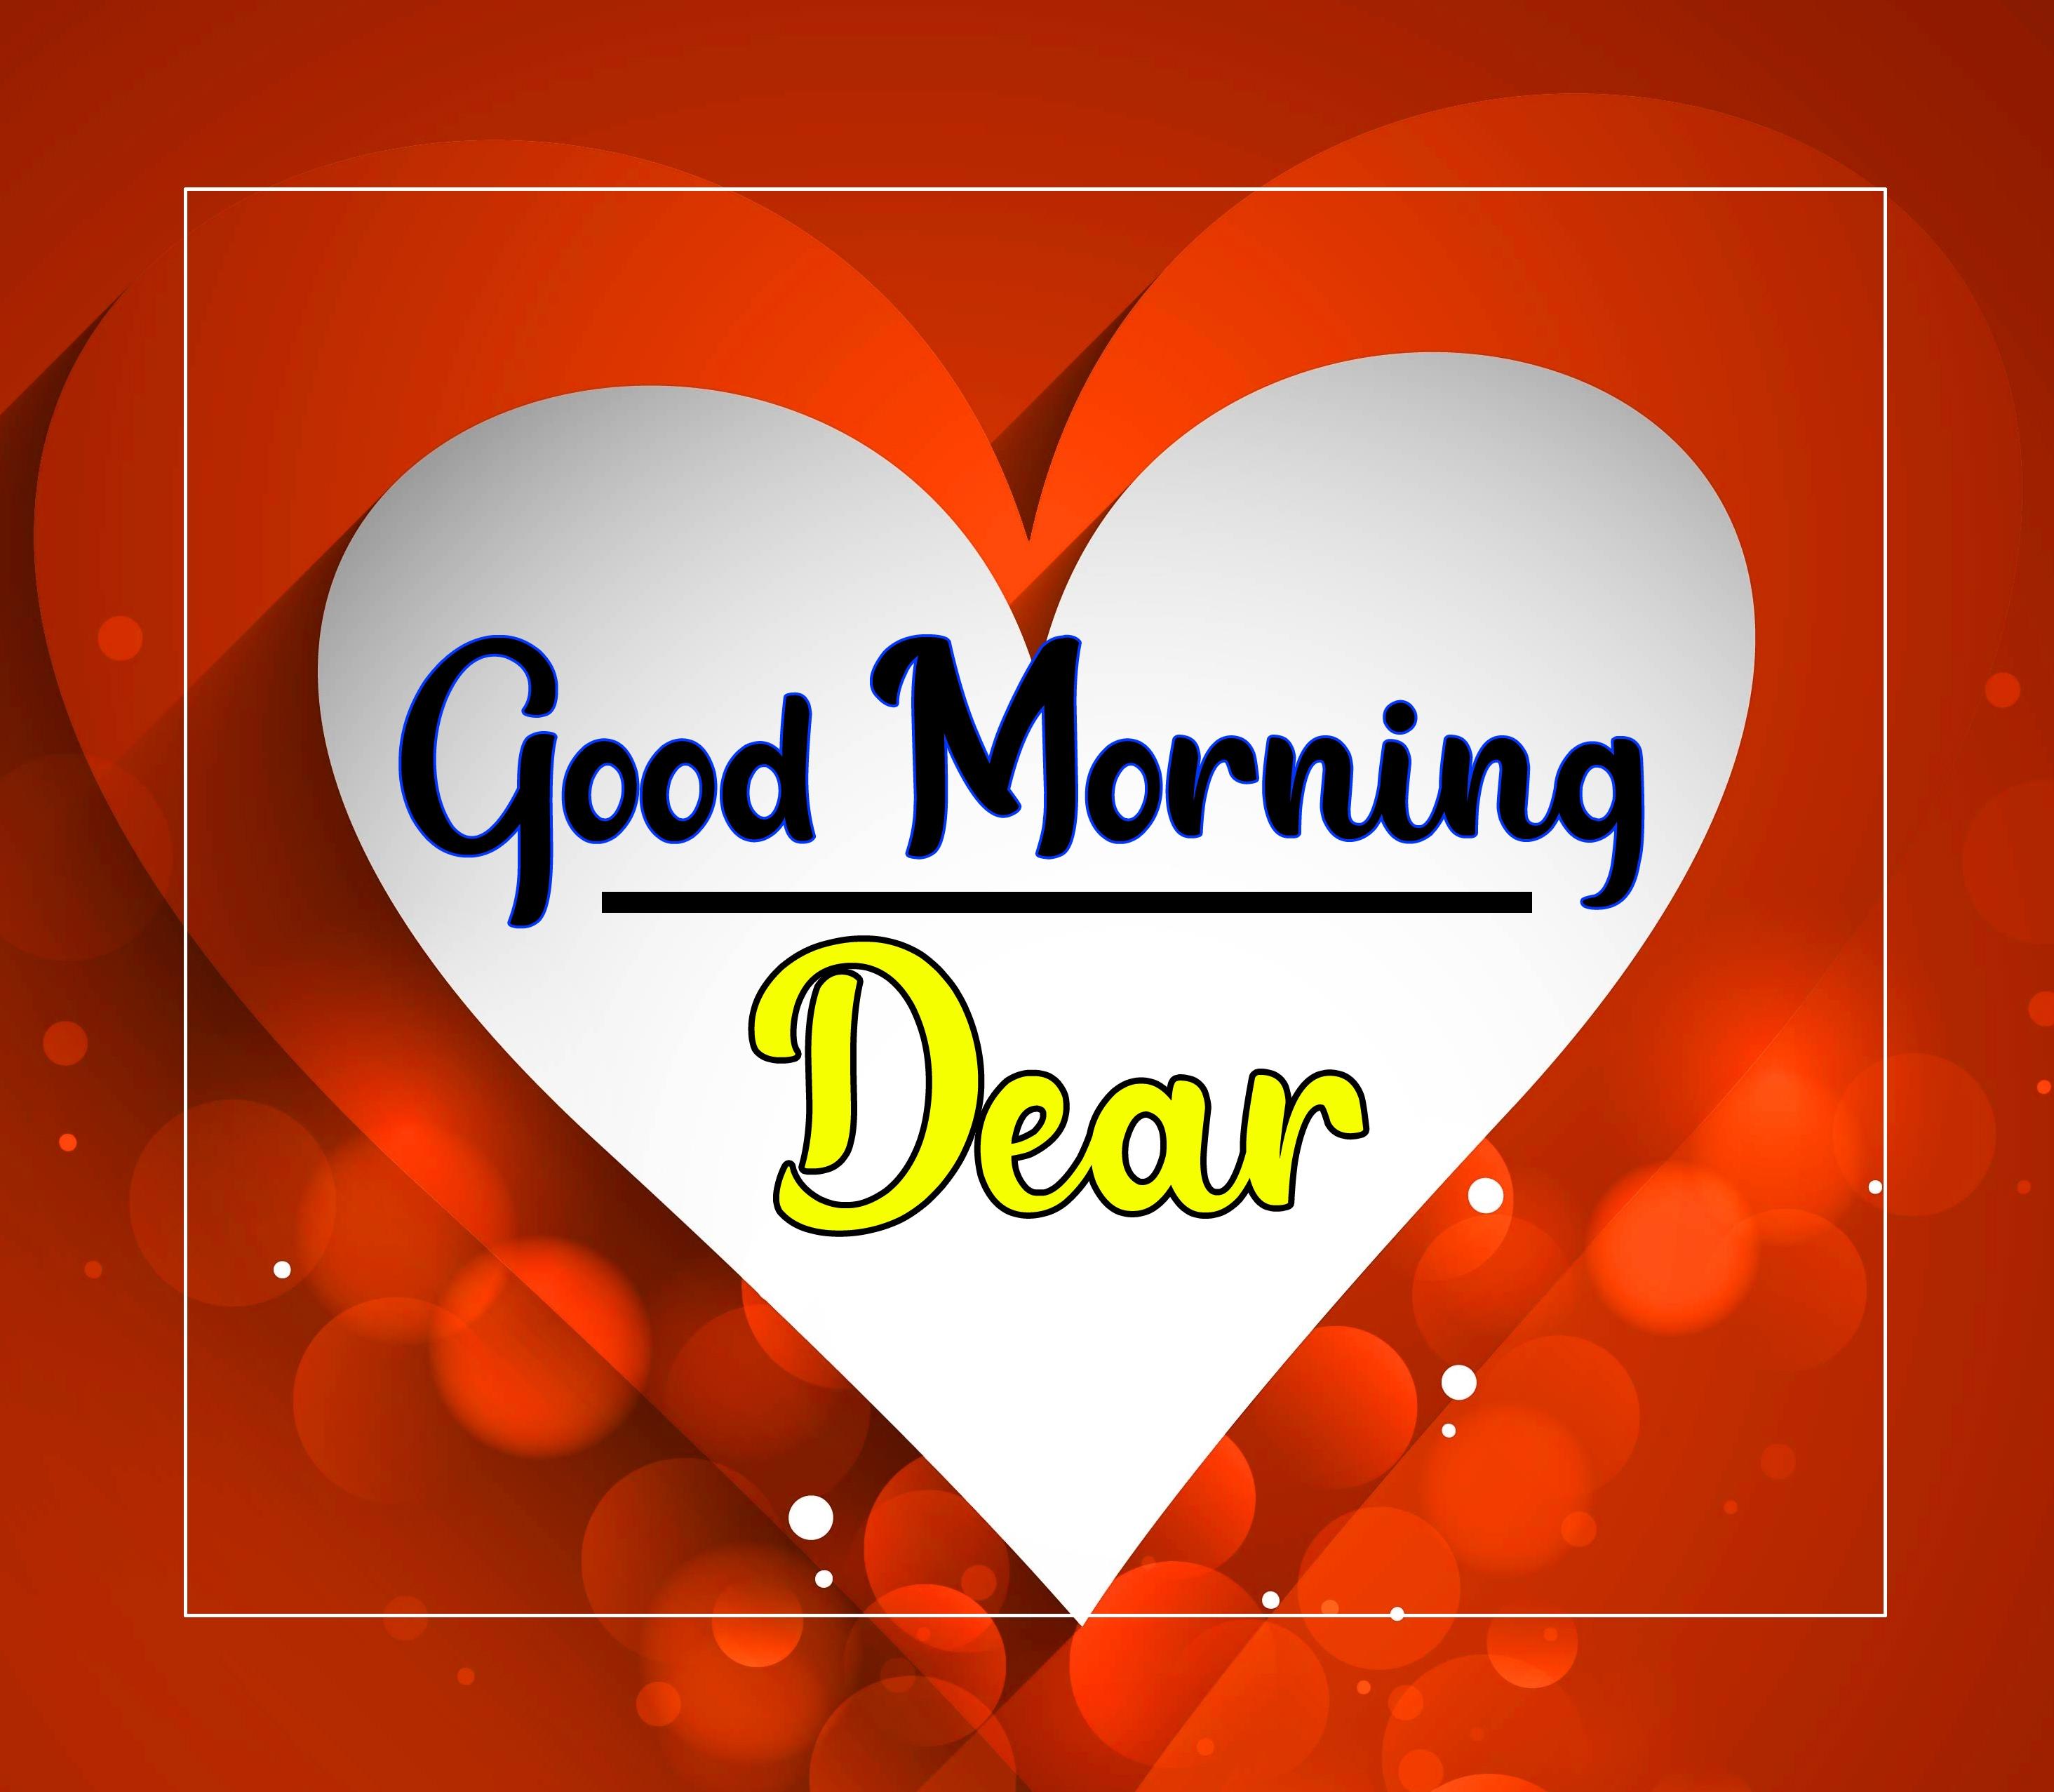 Special Good Morning Wallpaper 60